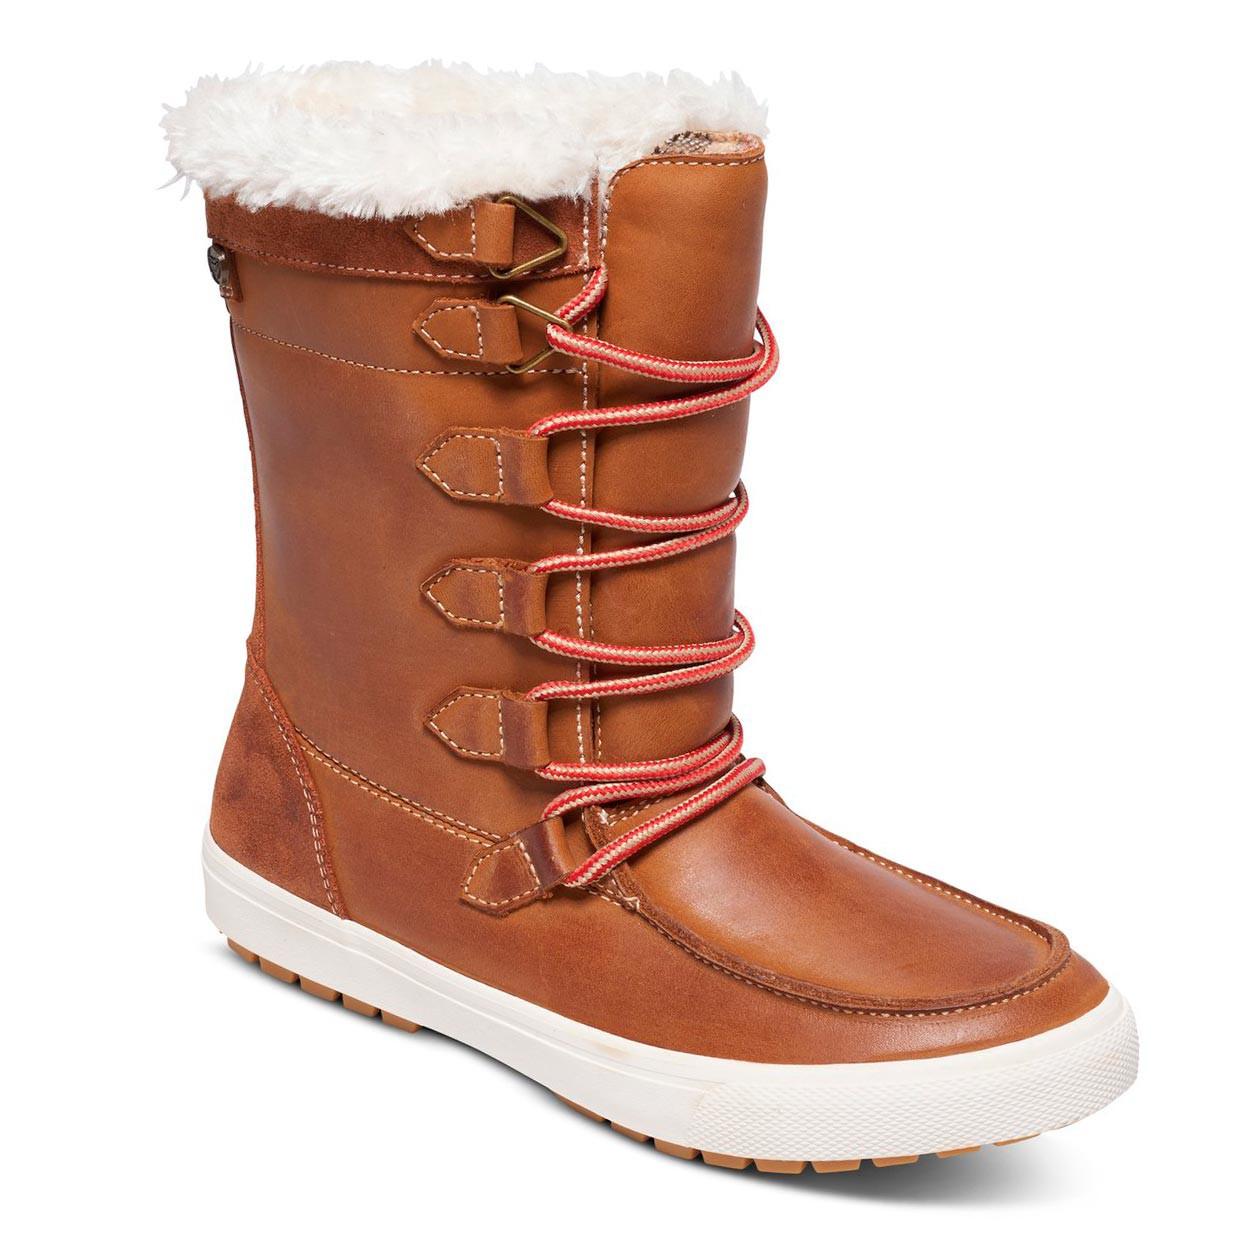 Zimní boty Roxy Salzburg brown vel.6,5 (40) 16 + doručení do 24 hodin